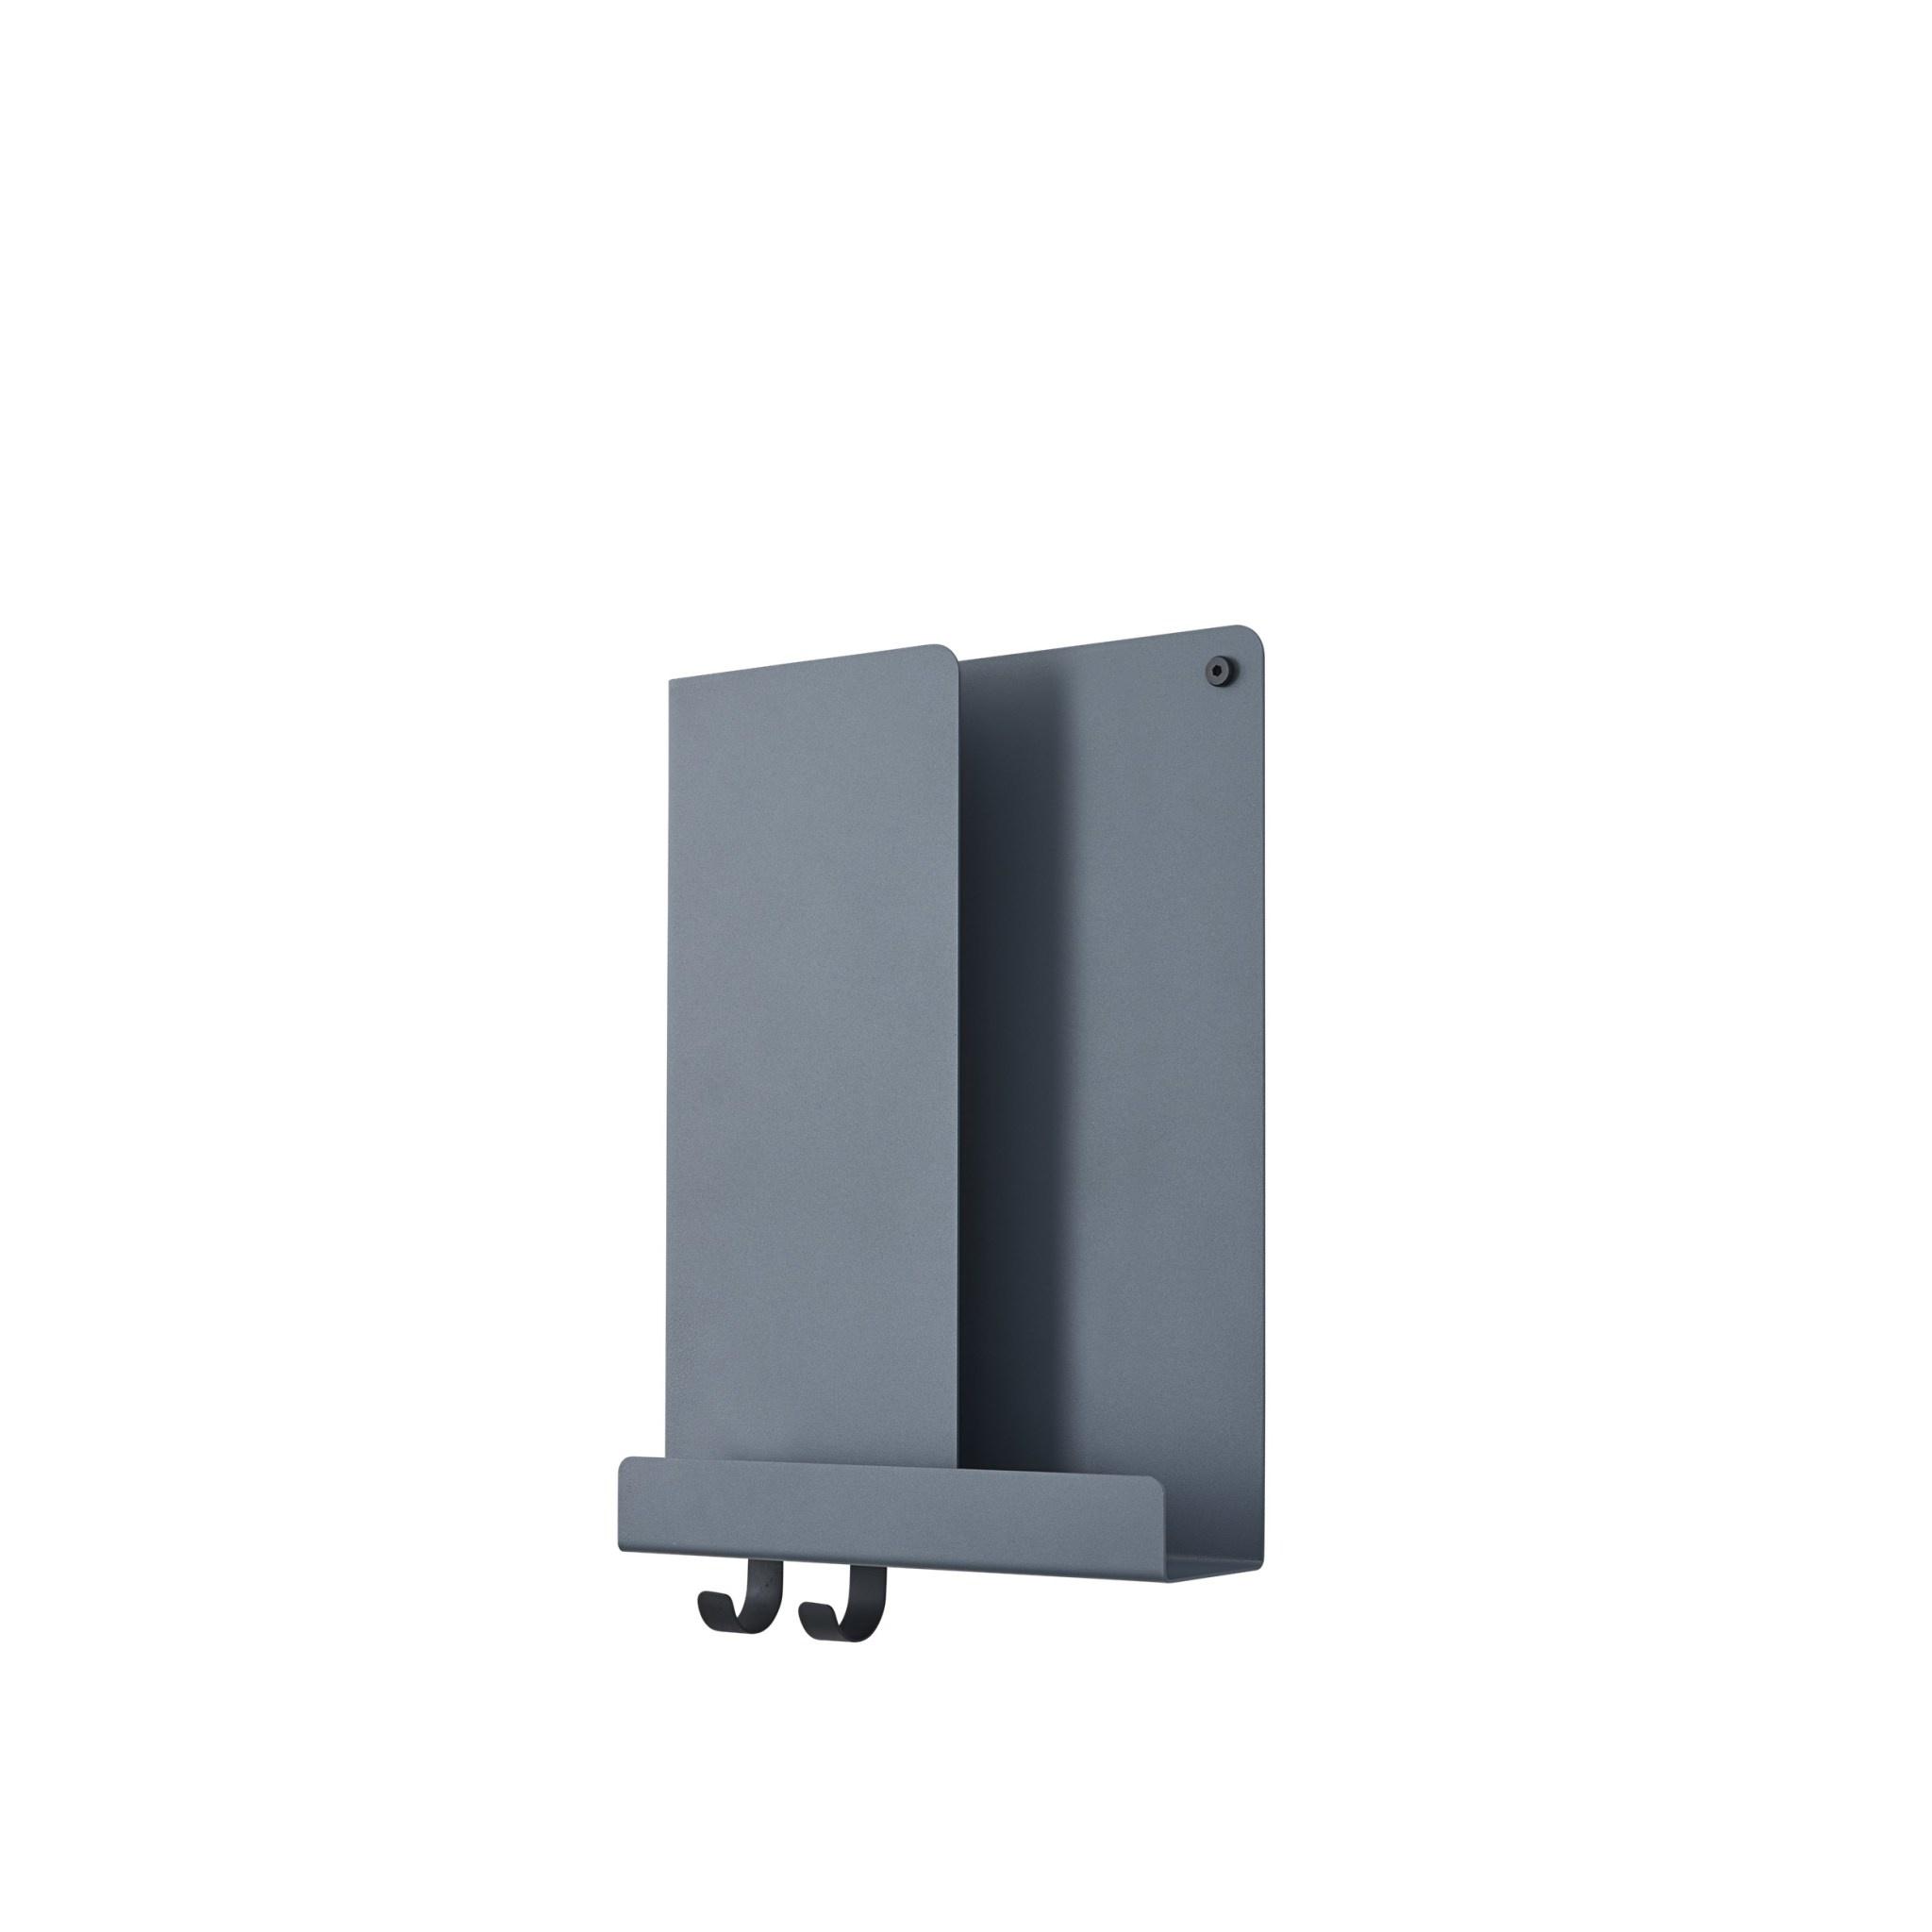 Folded shelves - XS-5